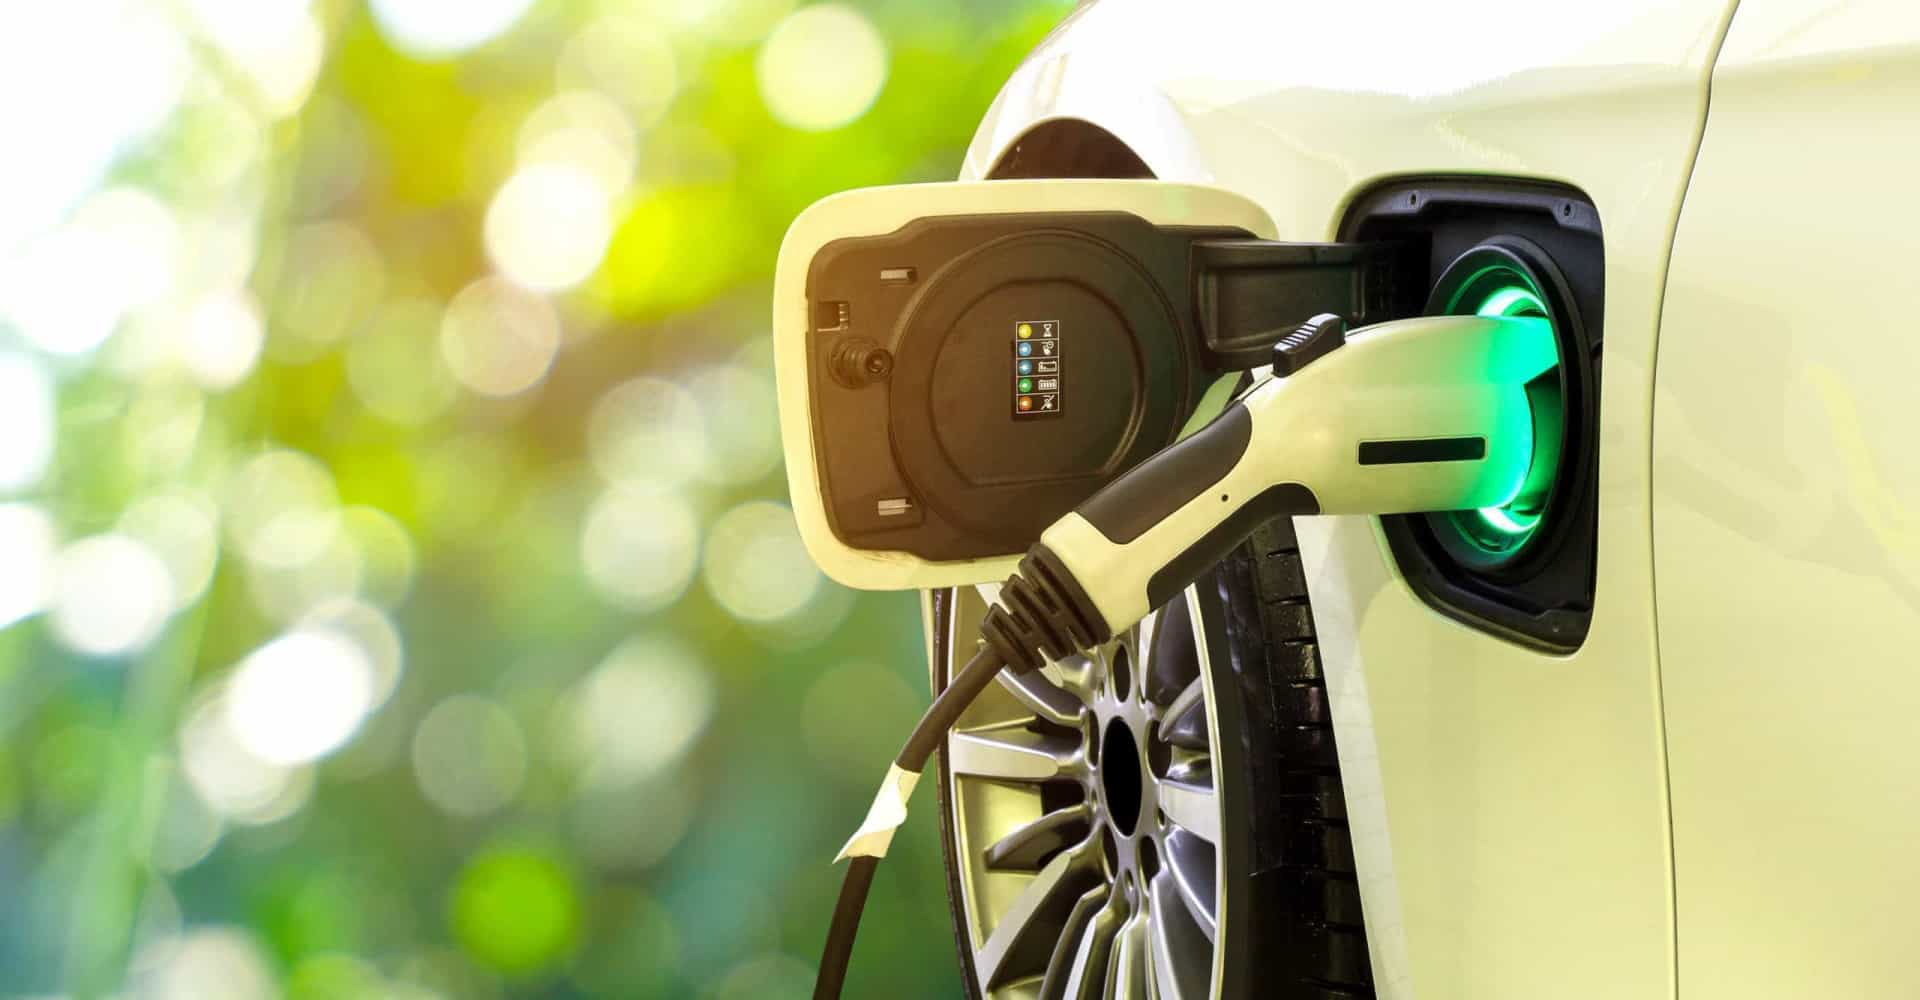 Fordeler og ulemper ved å kjøpe elbil